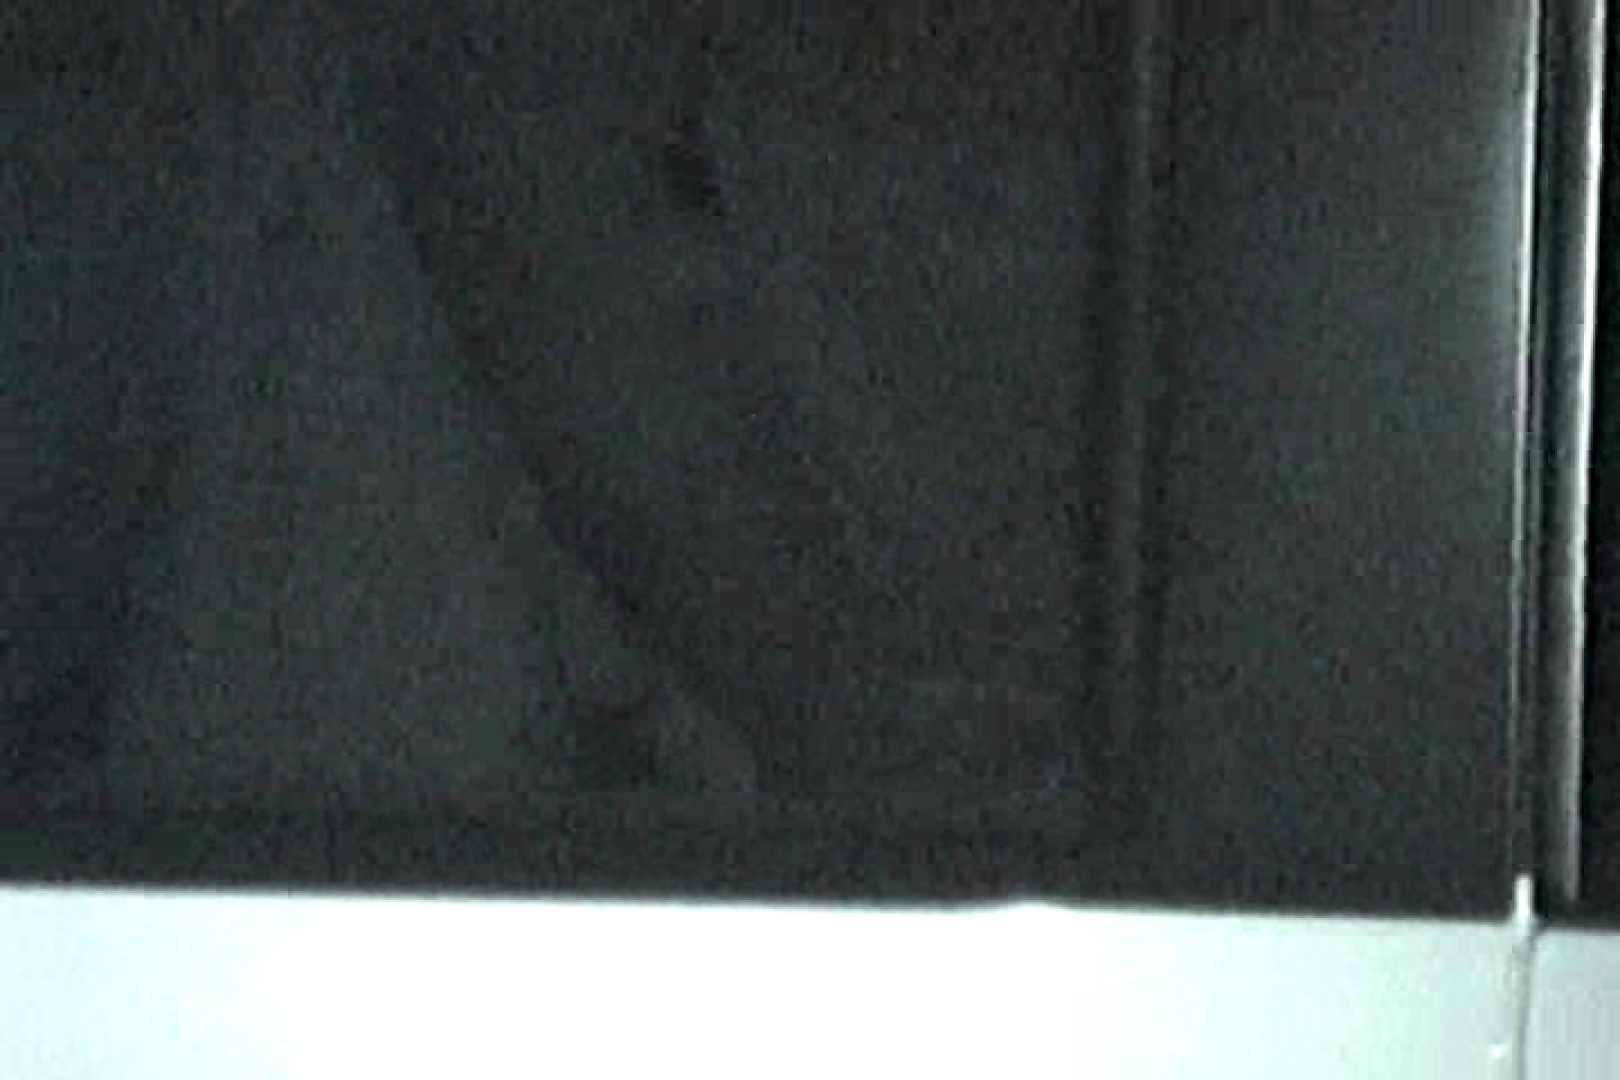 充血監督の深夜の運動会Vol.8 おっぱい オマンコ無修正動画無料 106画像 43